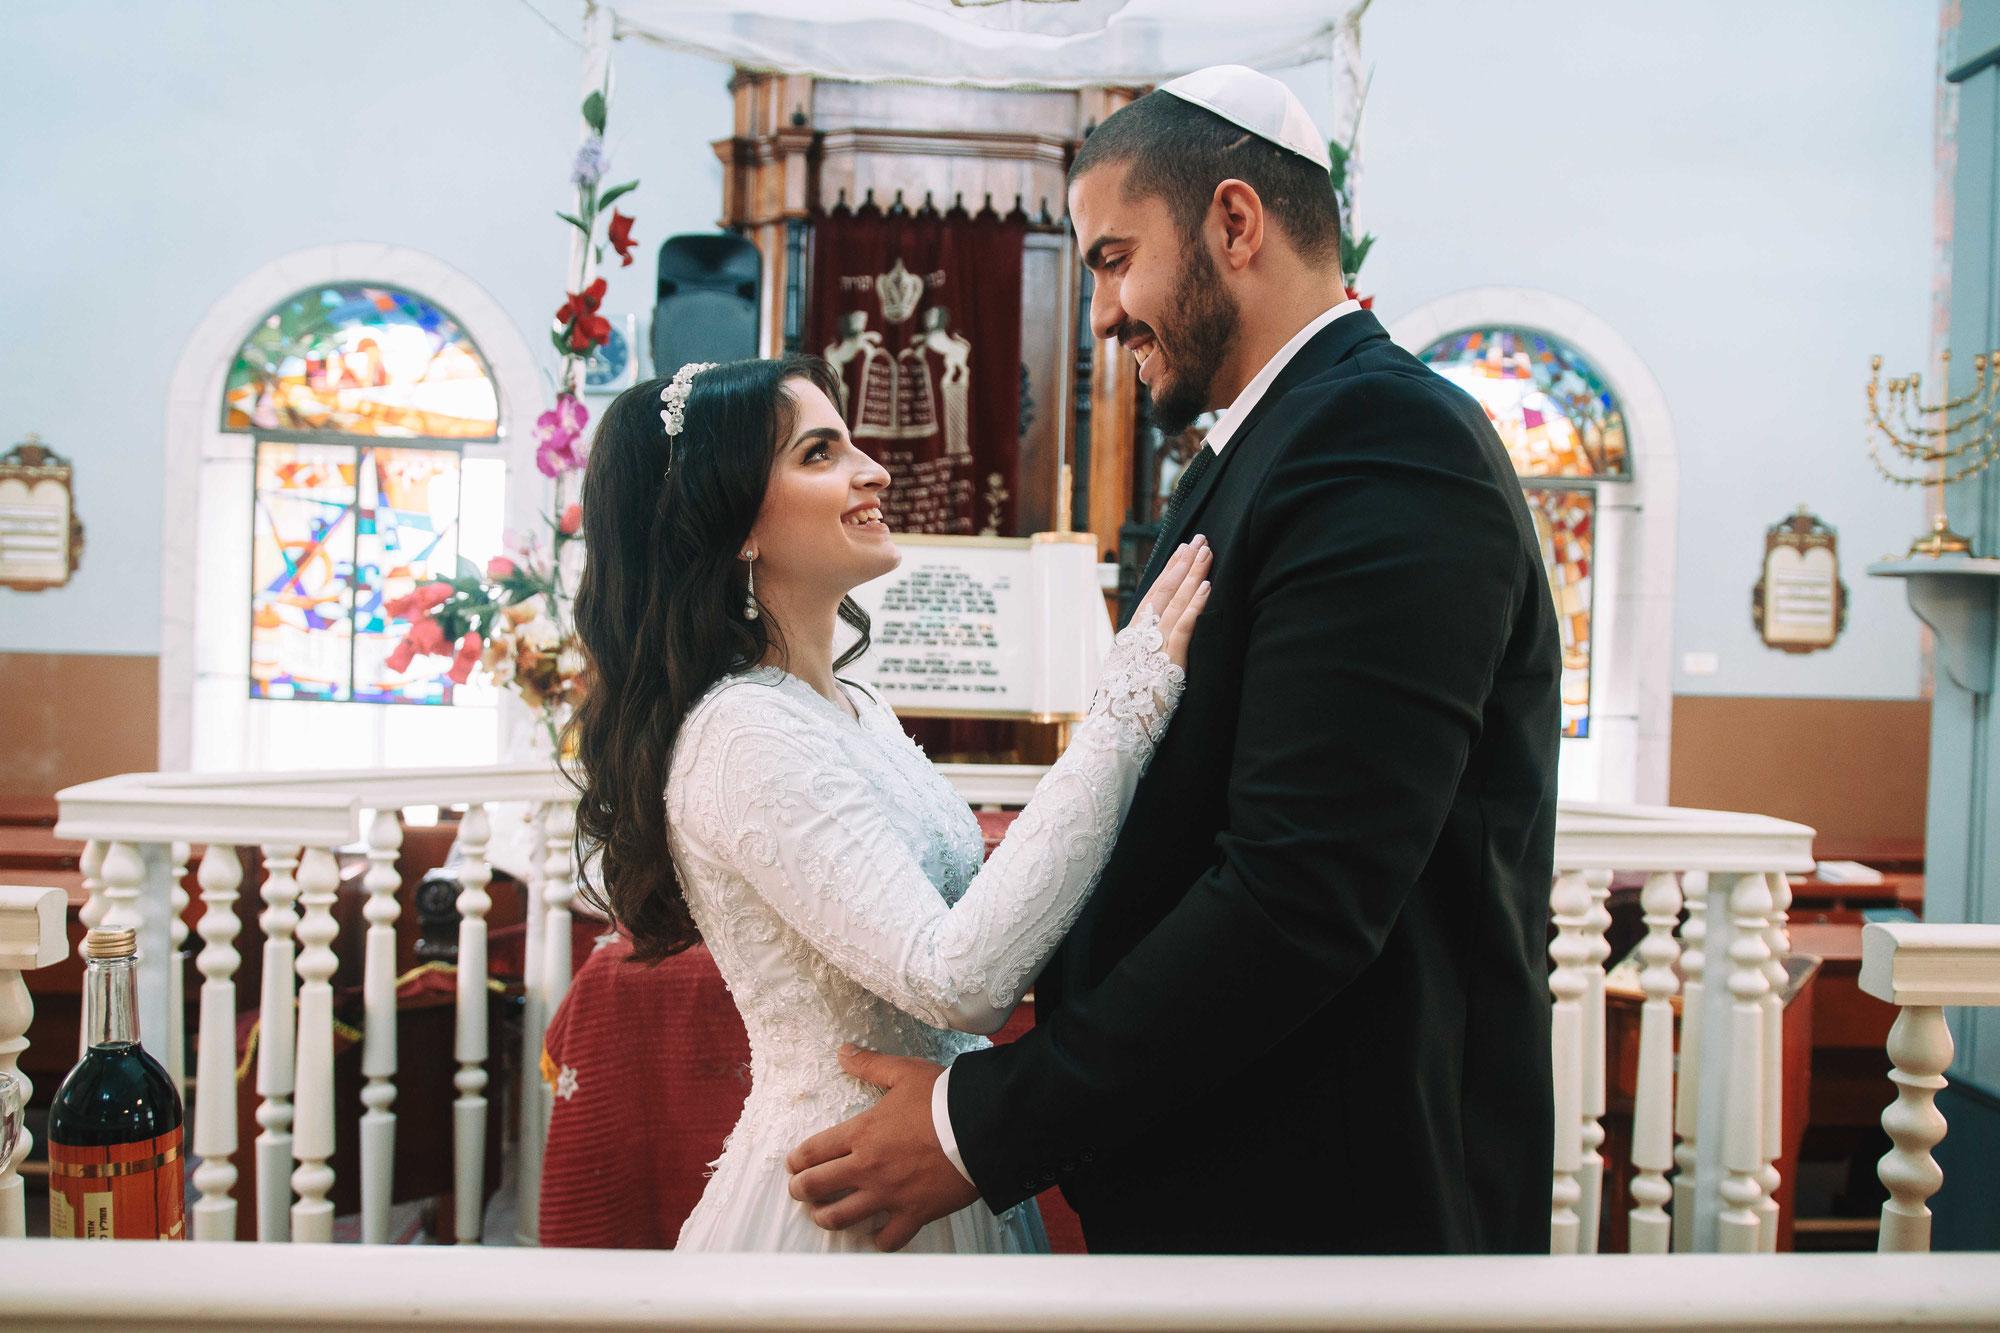 חתונה חלומית עם מעט משתתפים